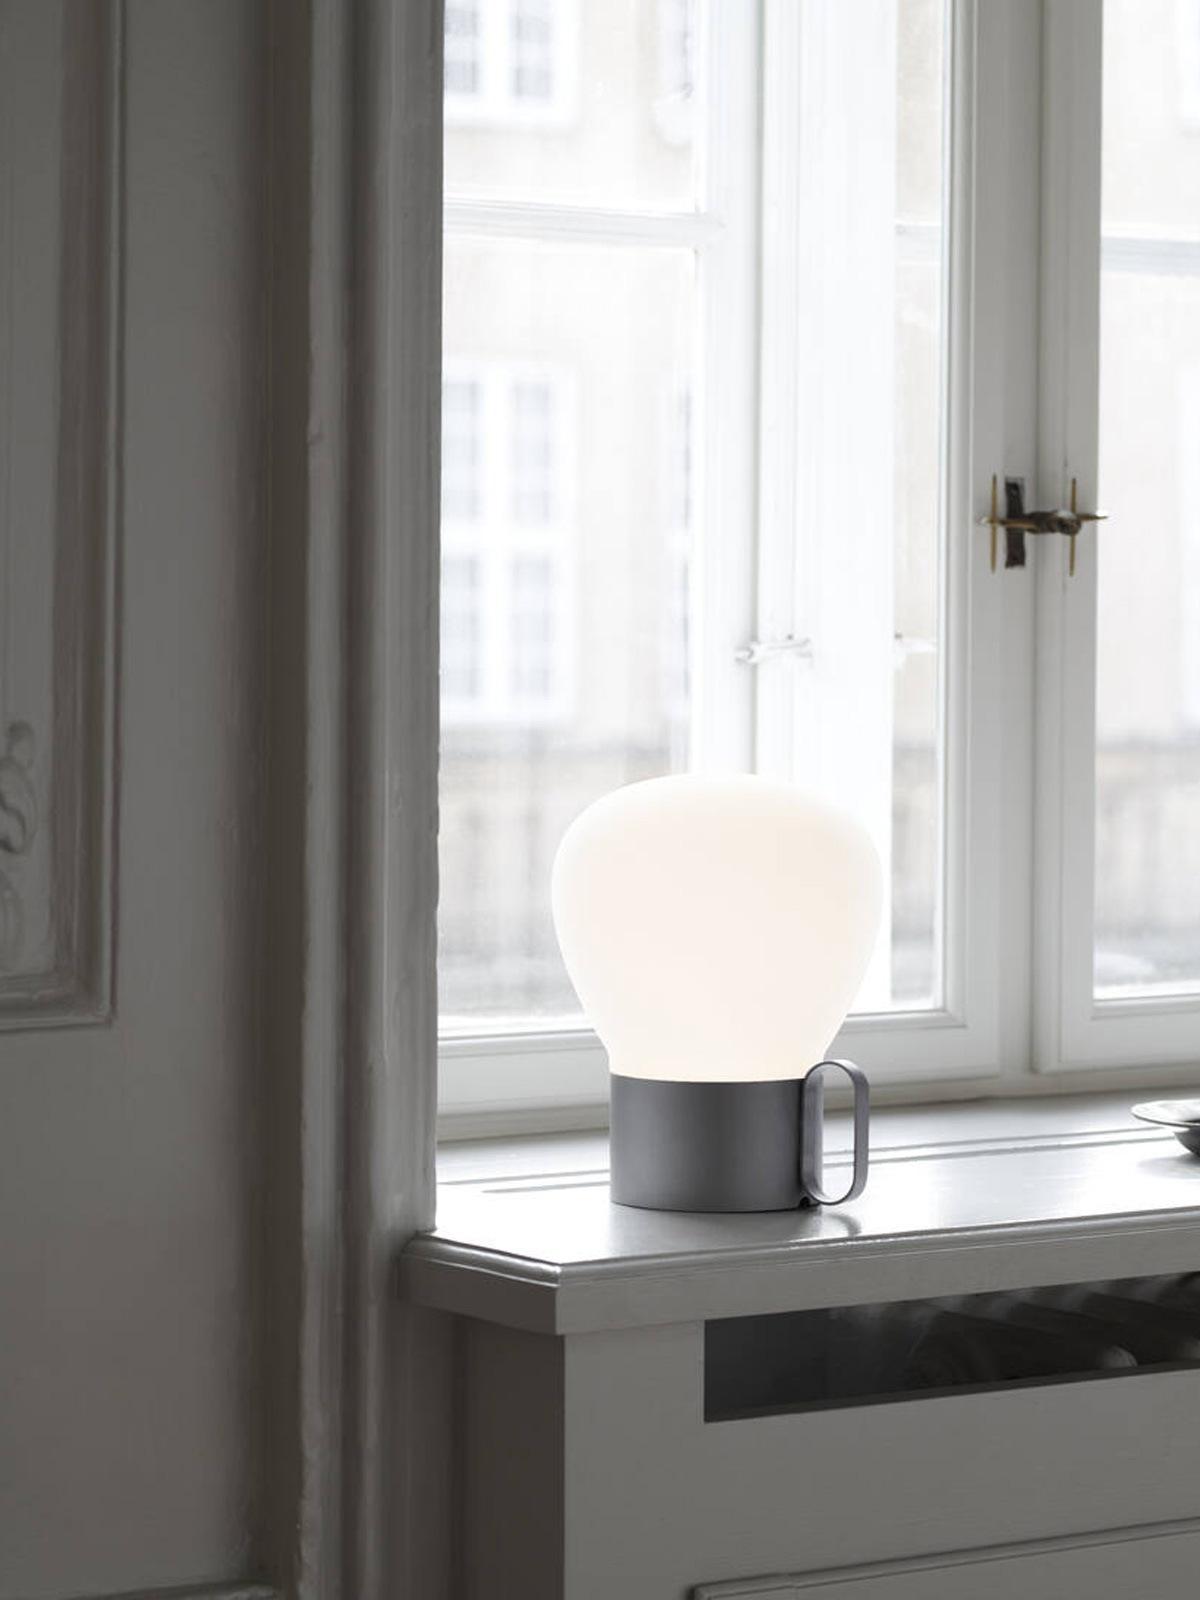 tragbare Tischlampe Drinnen und Draußen Nordlux Design for the People Onlineshop DesignOrt